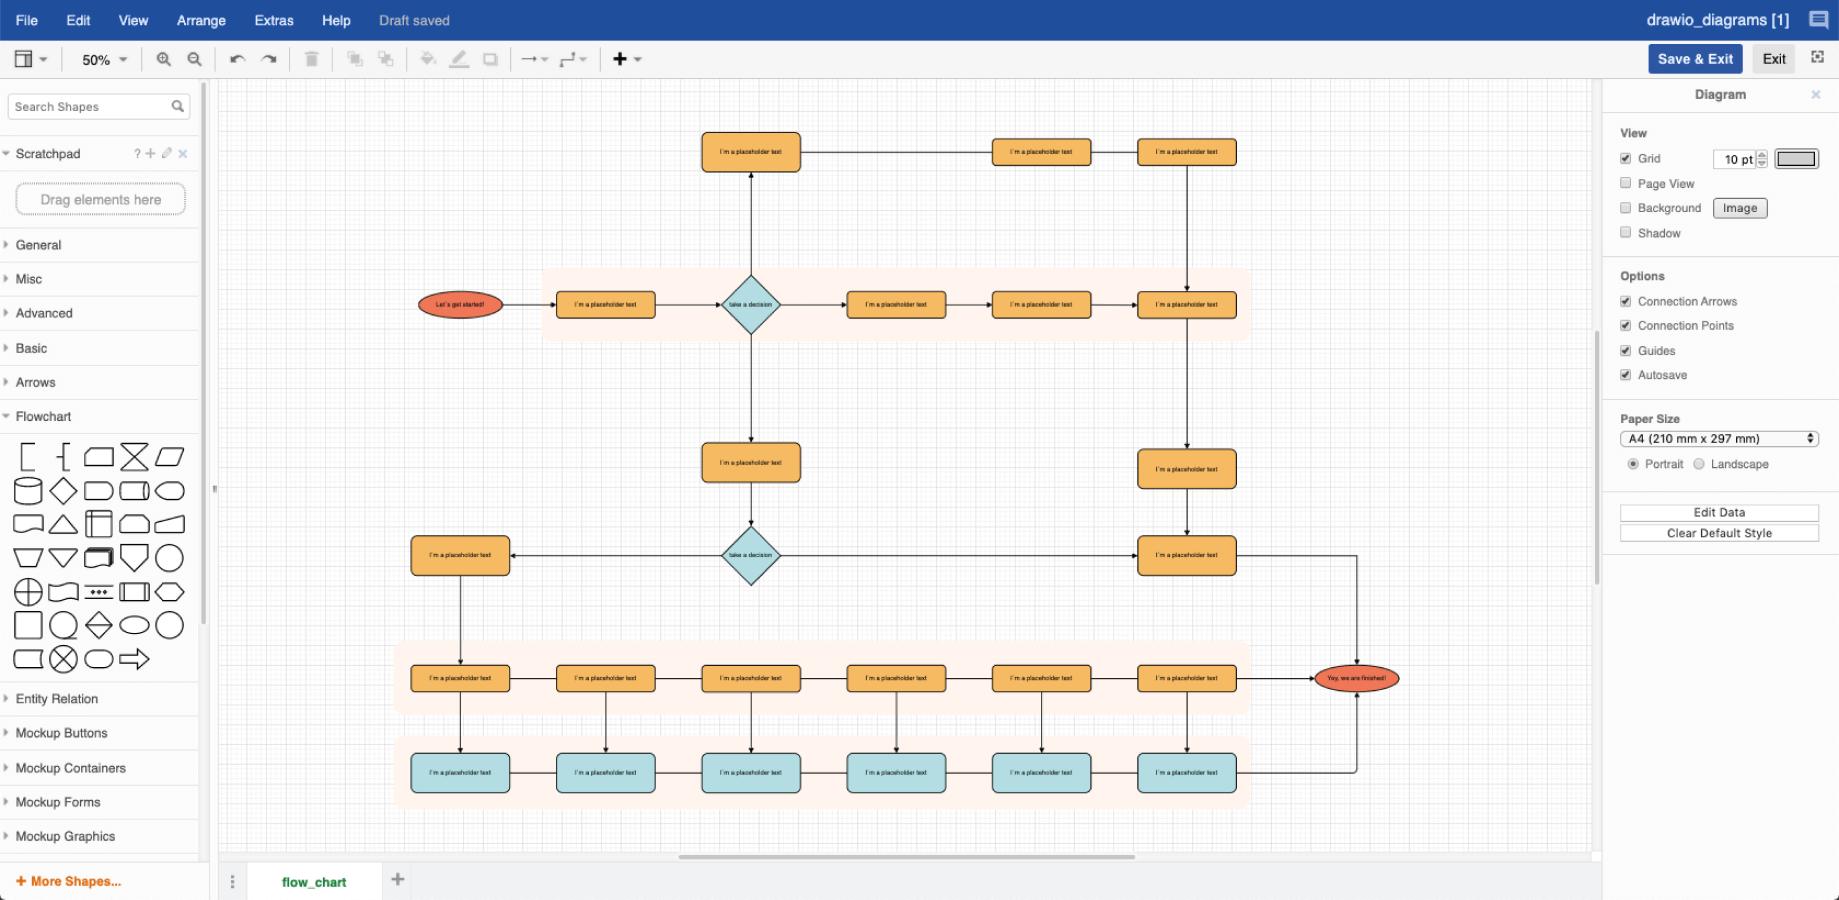 プロセス図のサンプル (Draw.io の厚意により掲載)